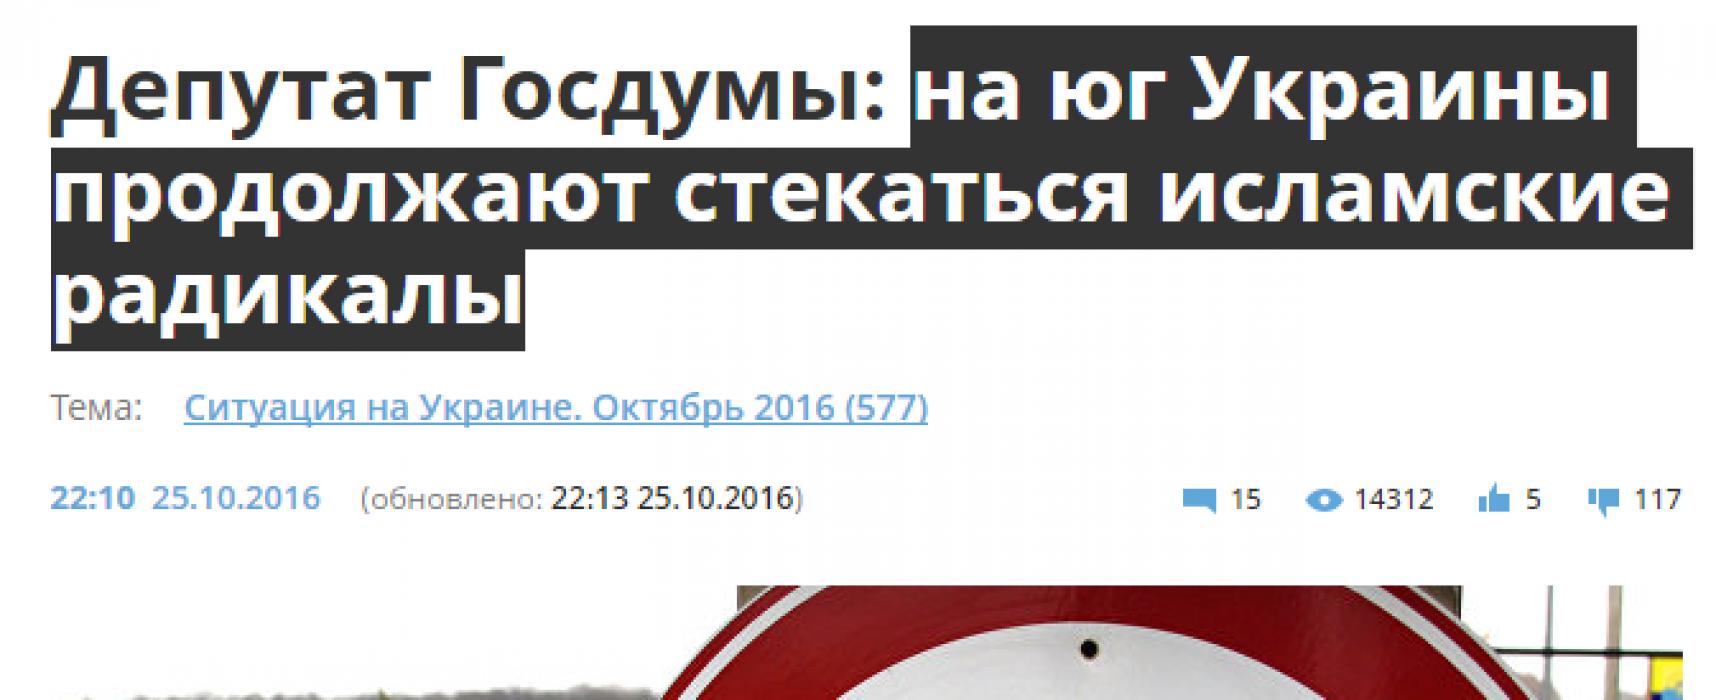 Fake: Islamitische radicalen massaal naar Zuid-Oekraïne